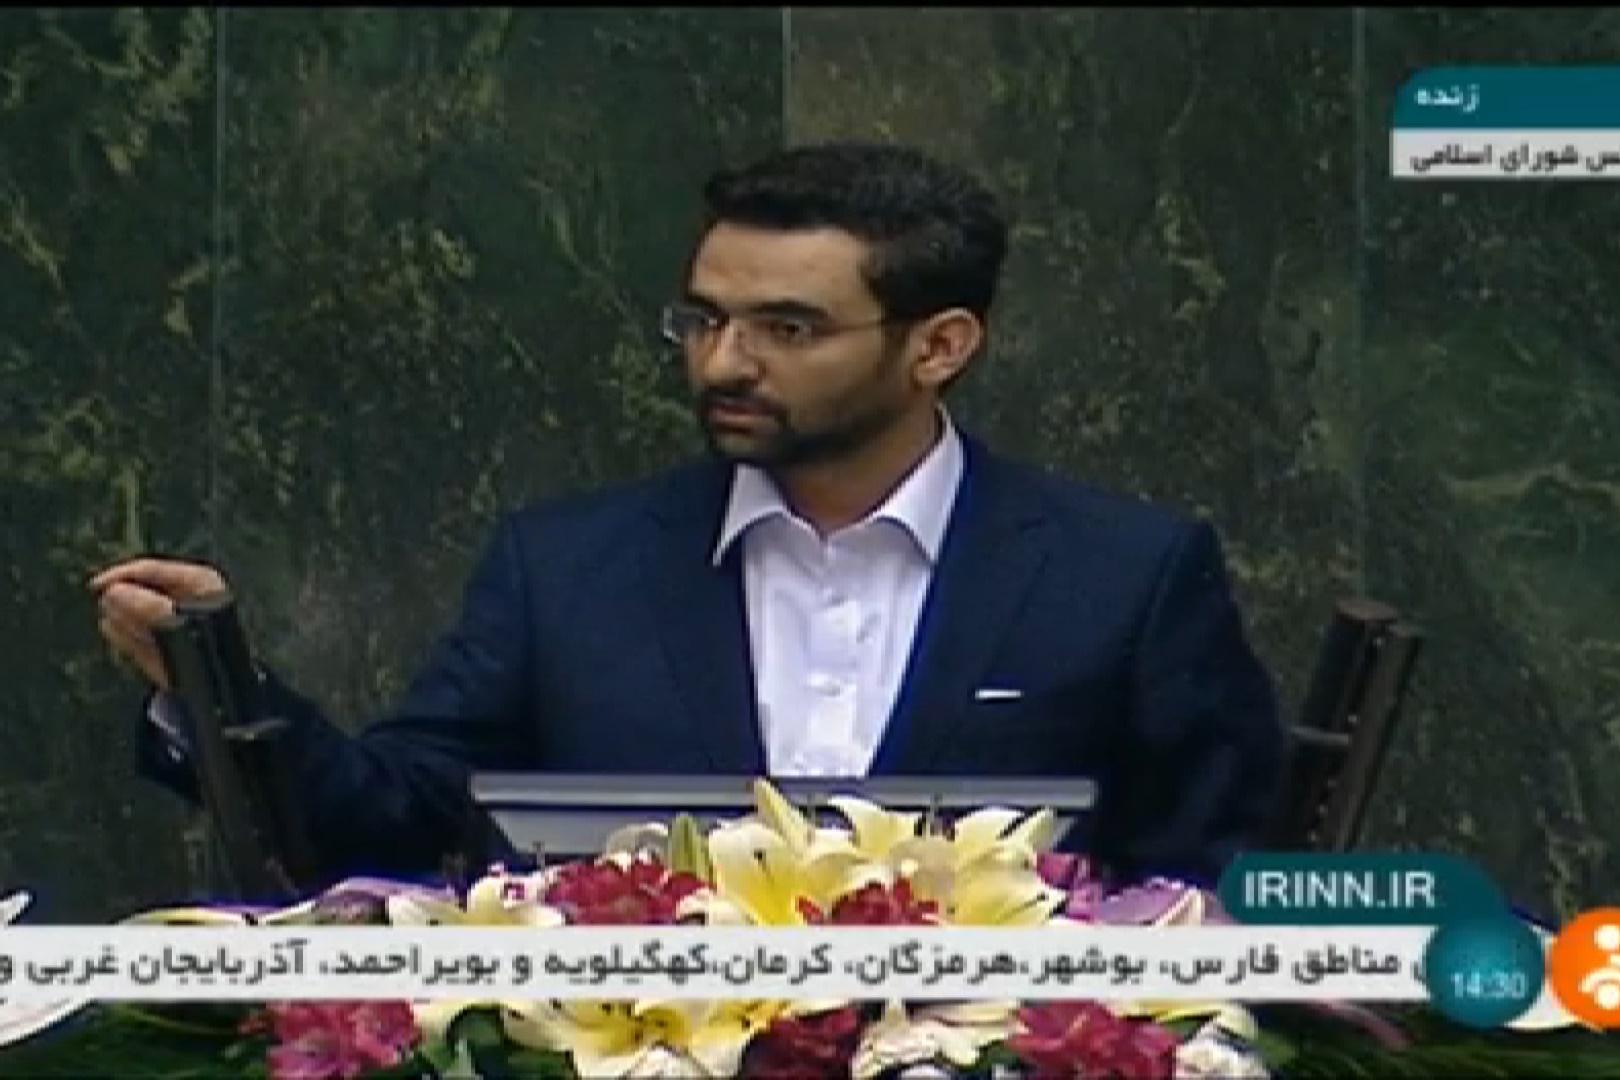 فیلم   واکنش وزیر پیشنهادی ارتباطات به اتهامات قاضیپور   جهرمی: دکترین ما مقام معظم رهبری است